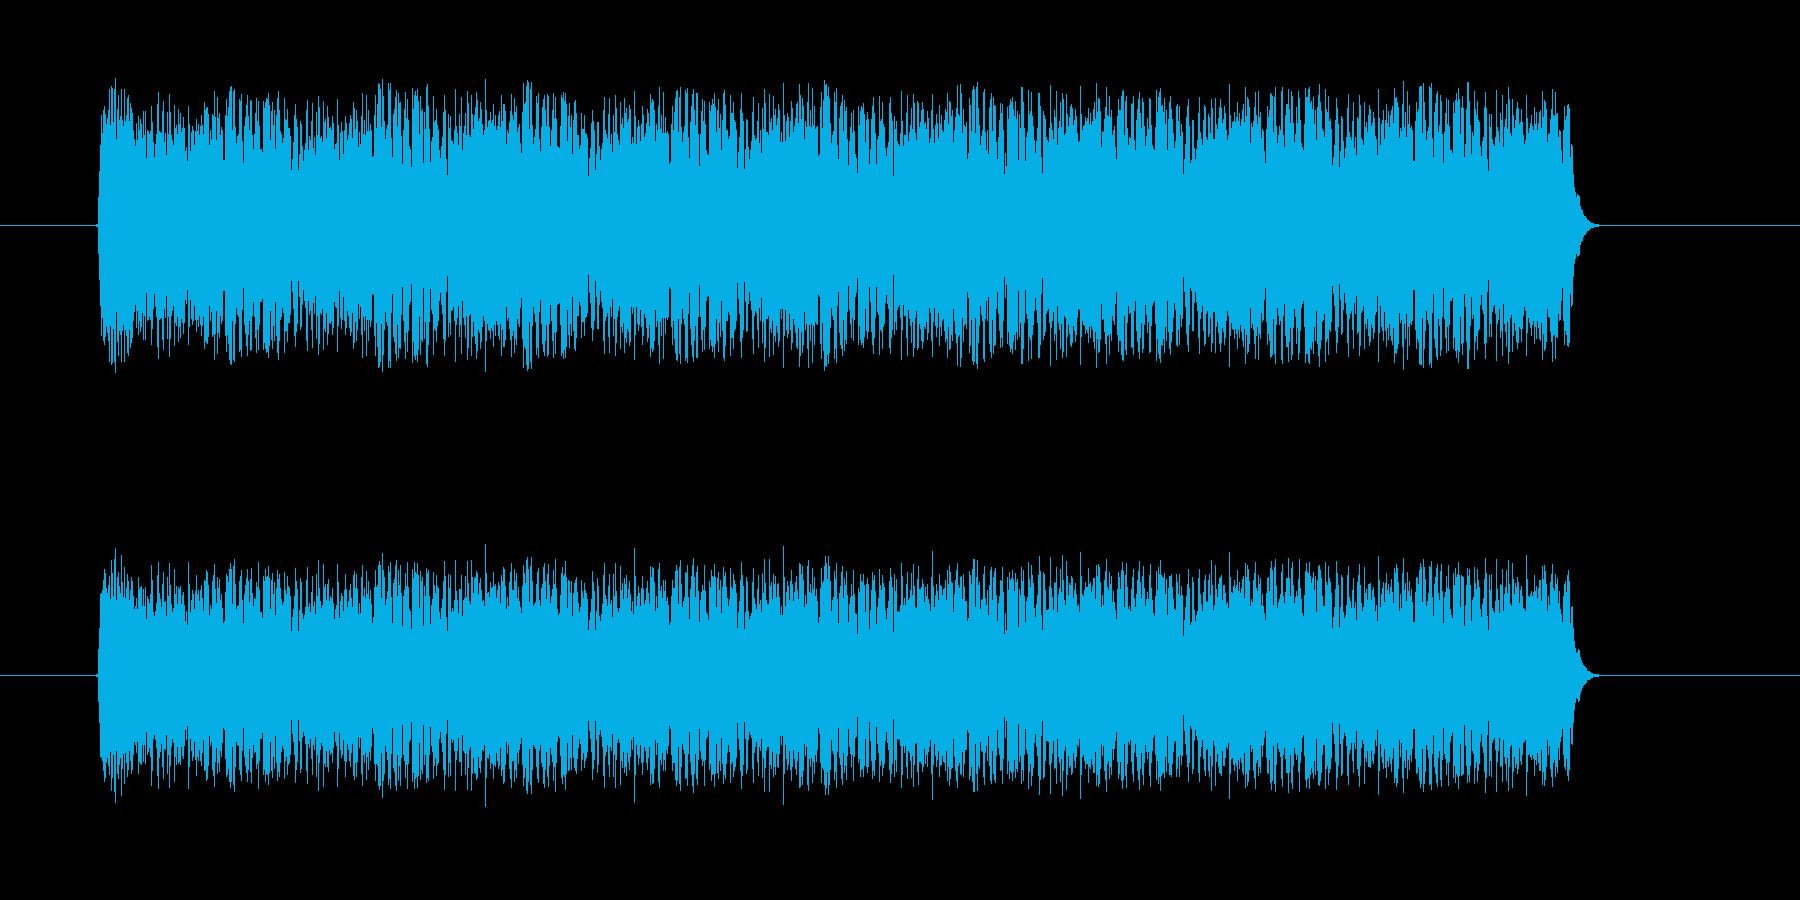 スネアドラムのドラムロールの再生済みの波形